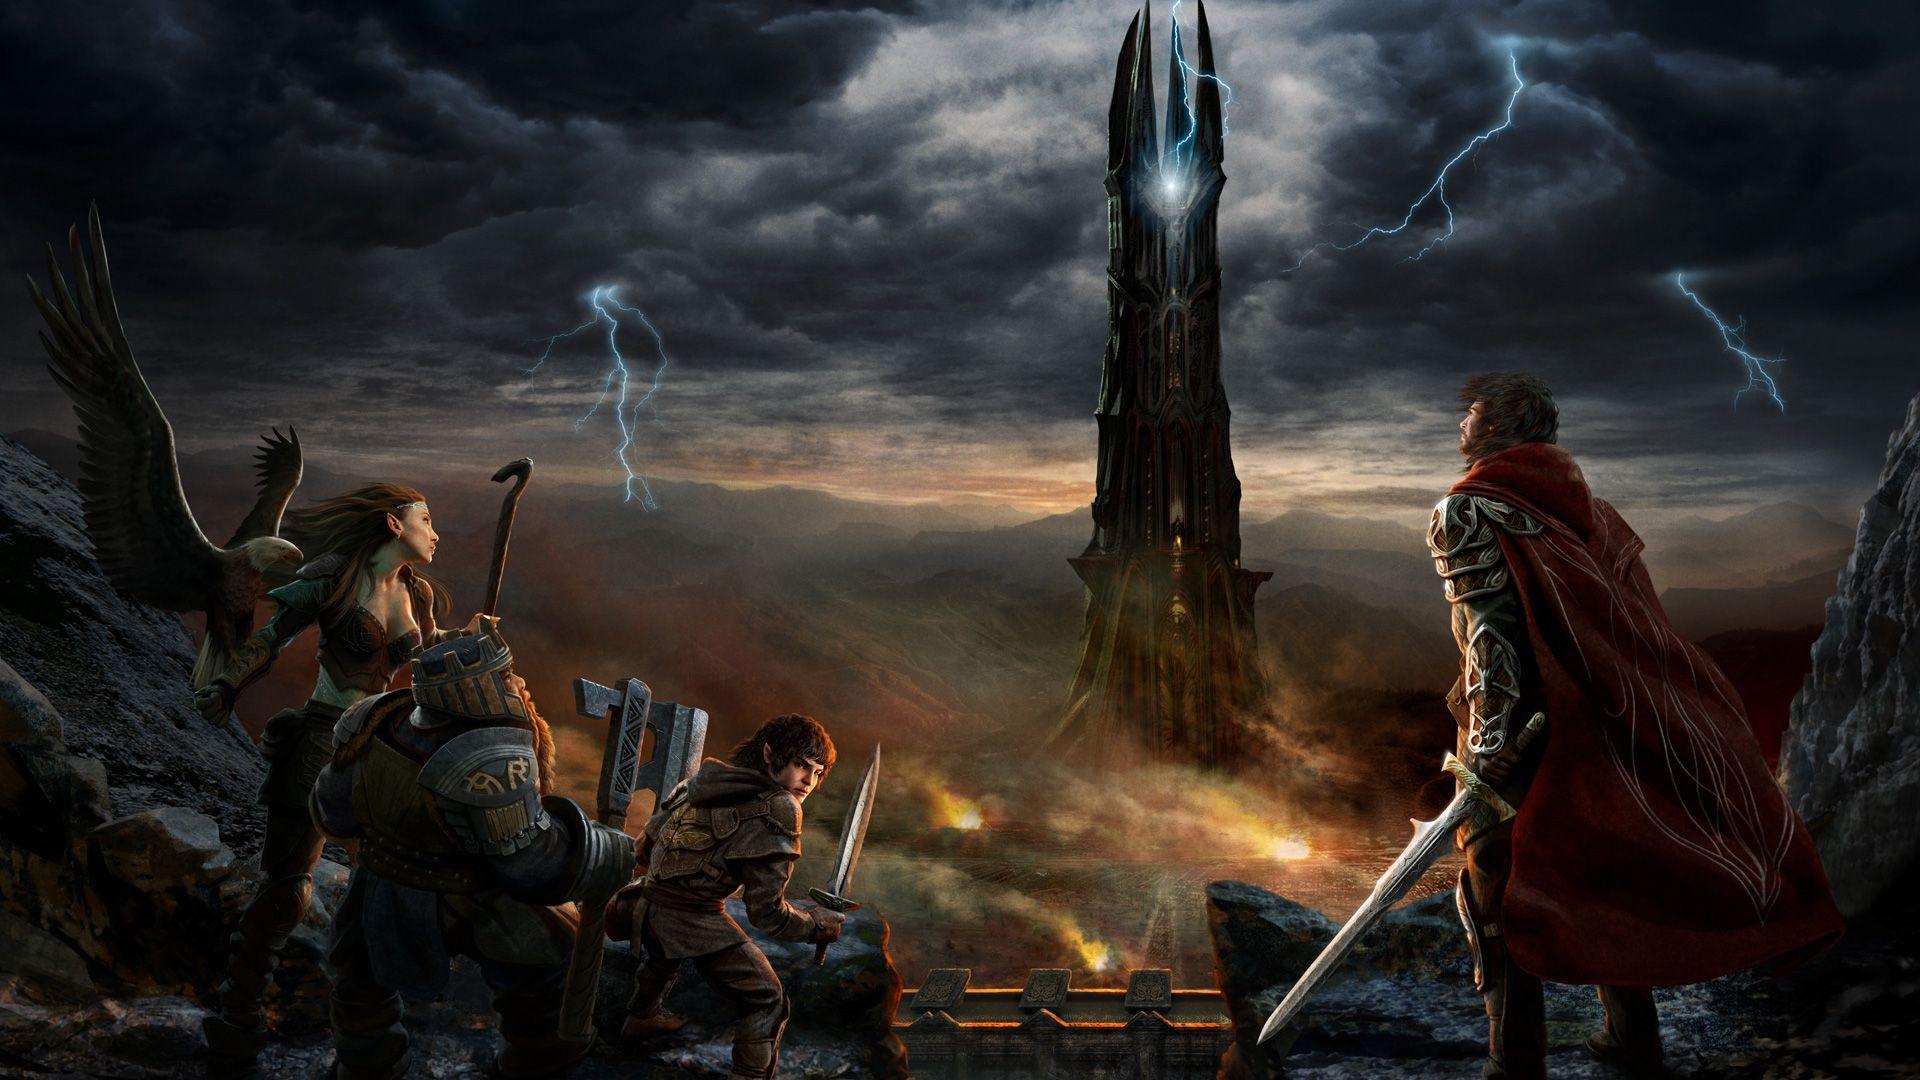 Épinglé par Manos Mar sur VideoGames24.gr Seigneur des